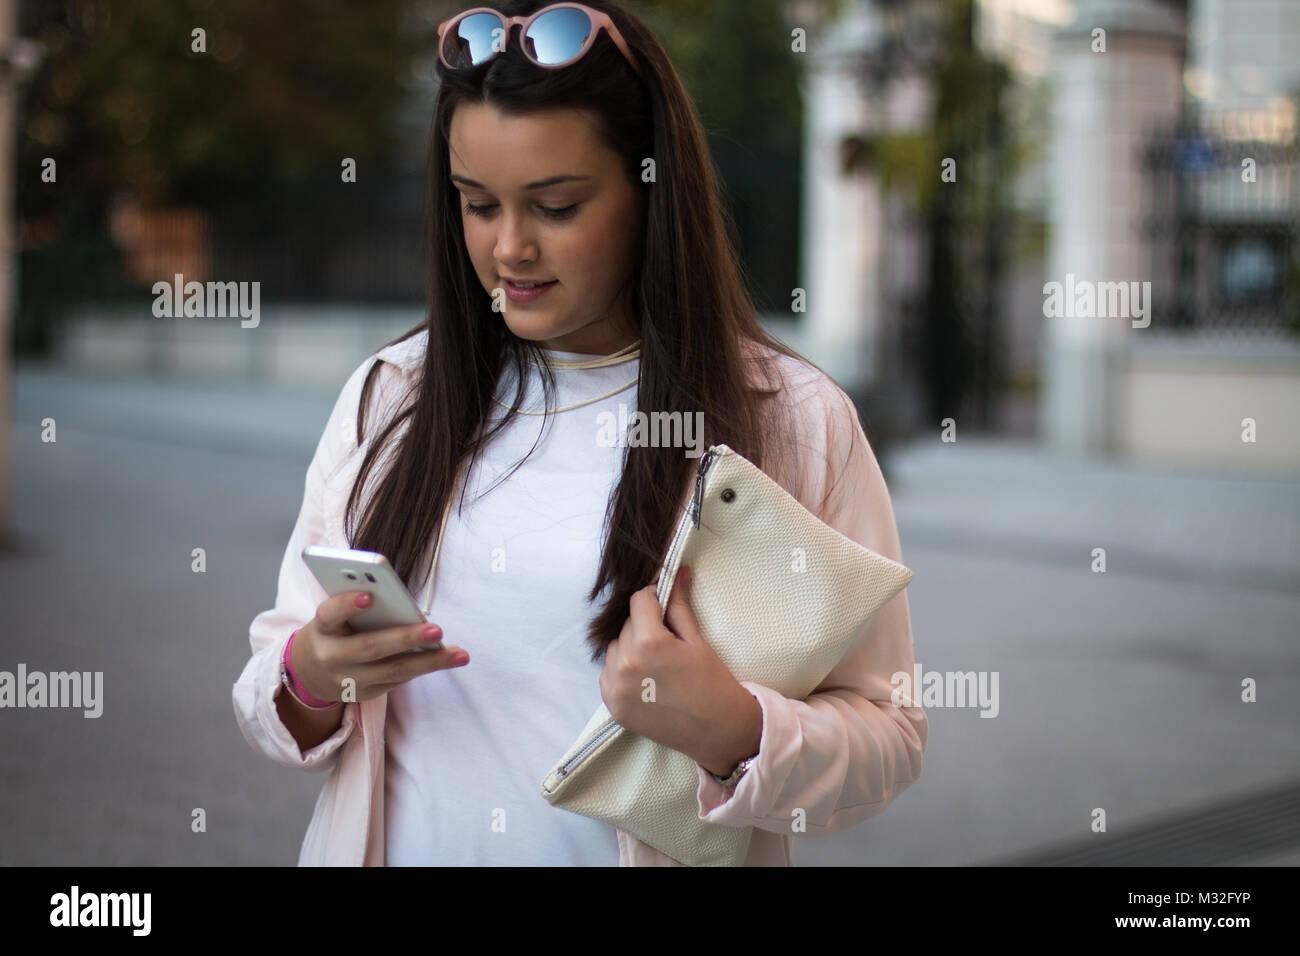 83bbc6b6c1b7 Giovane e bella donna utilizza lo smartphone all esterno. Semplice un  abbigliamento elegante e